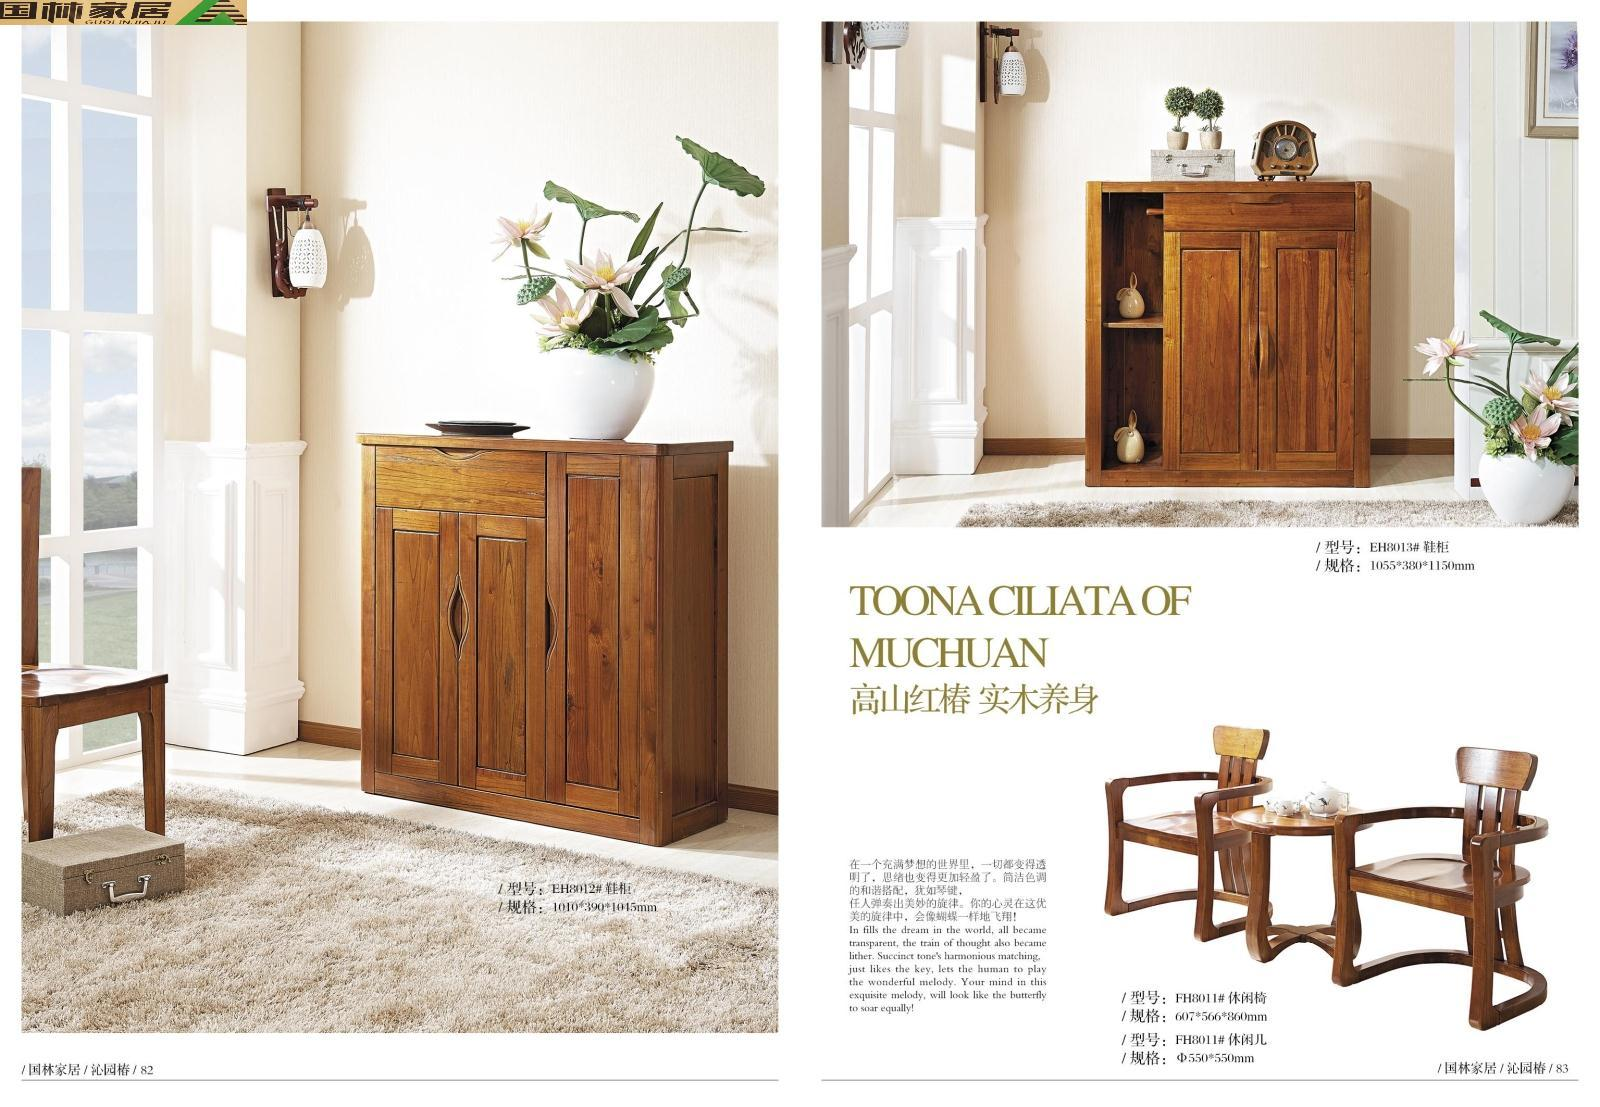 特价包邮多层创意实木鞋柜现代新中式红椿木家具